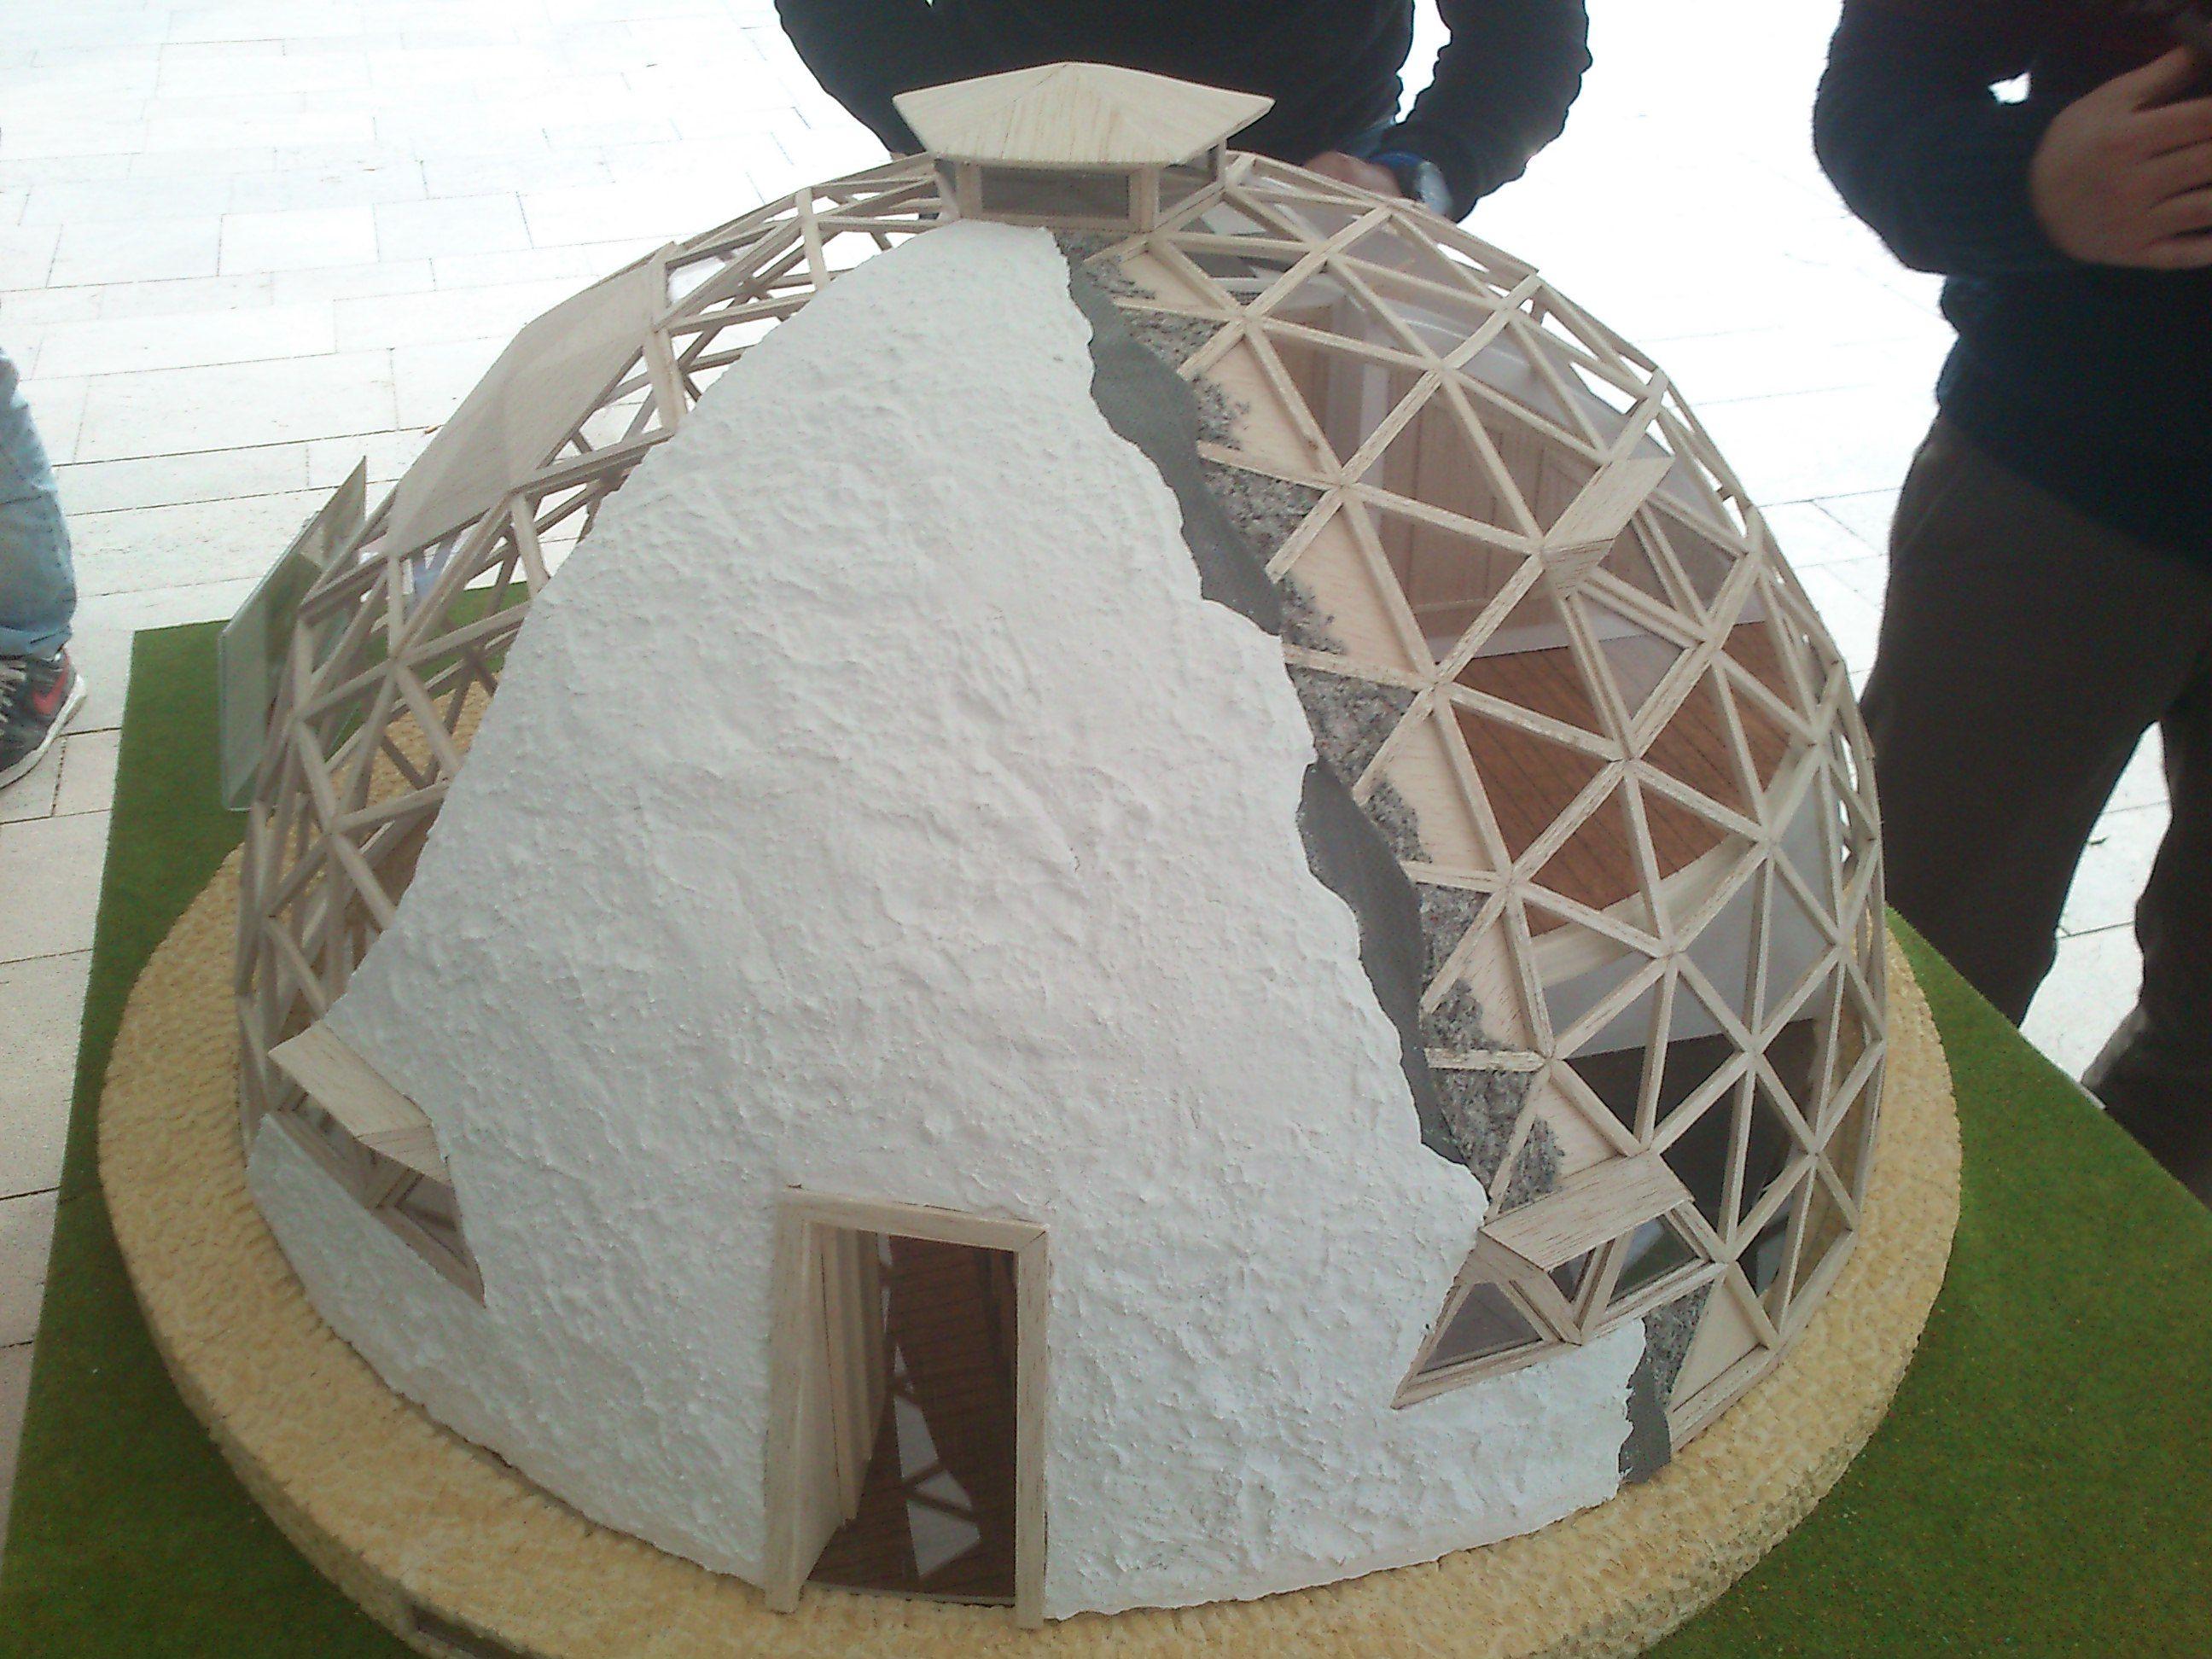 C pula geod sica contiene 360 tri ngulos de 6 medidas - Casas geodesicas ...